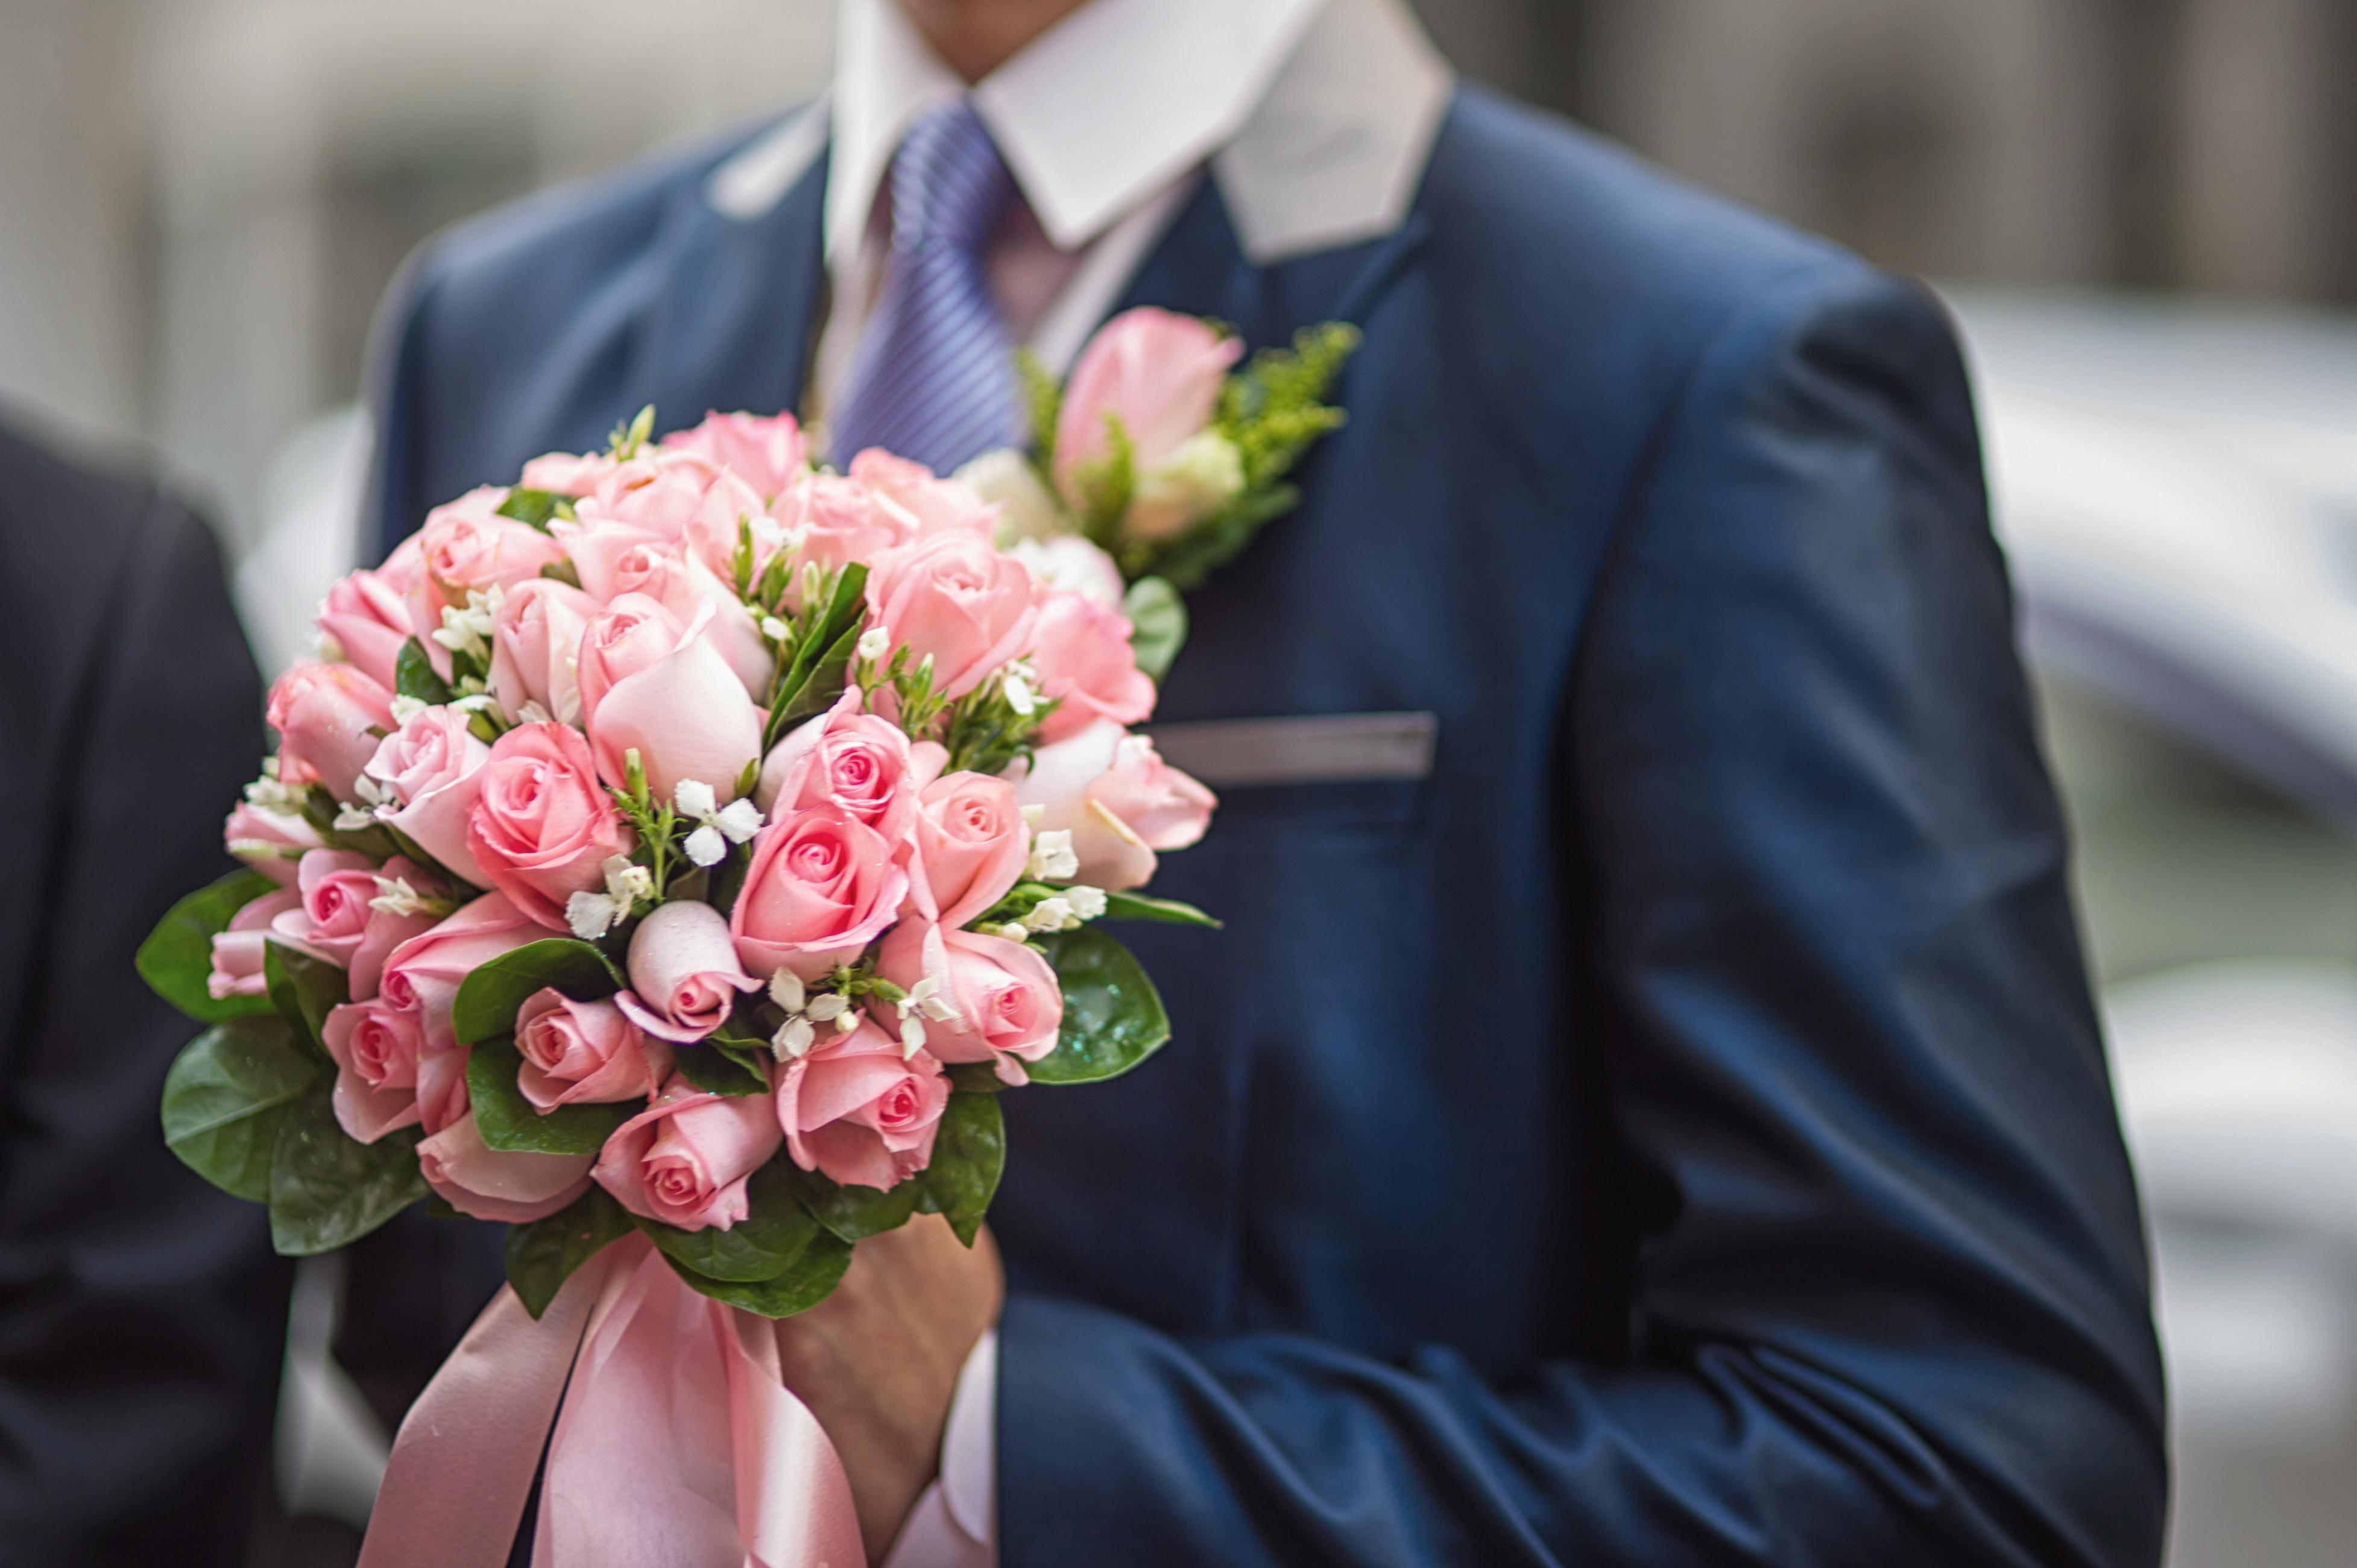 Букет цветов невесте от жениха